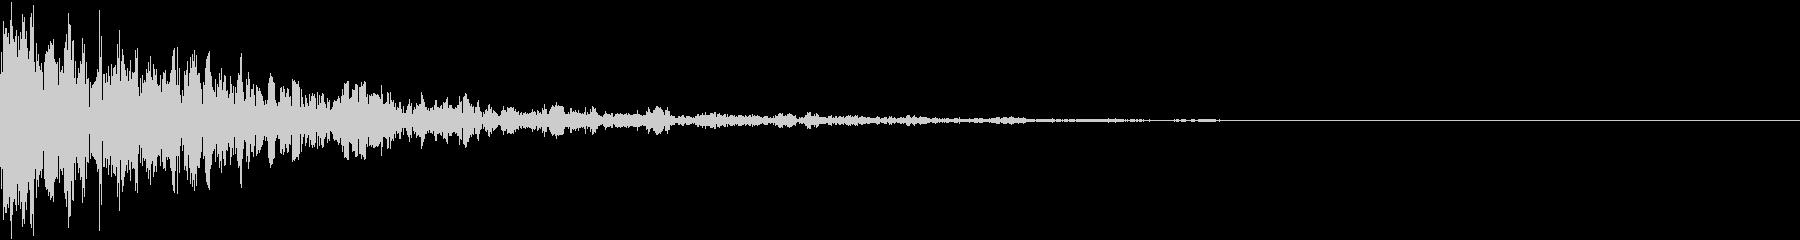 ドーン-31-2(インパクト音)の未再生の波形